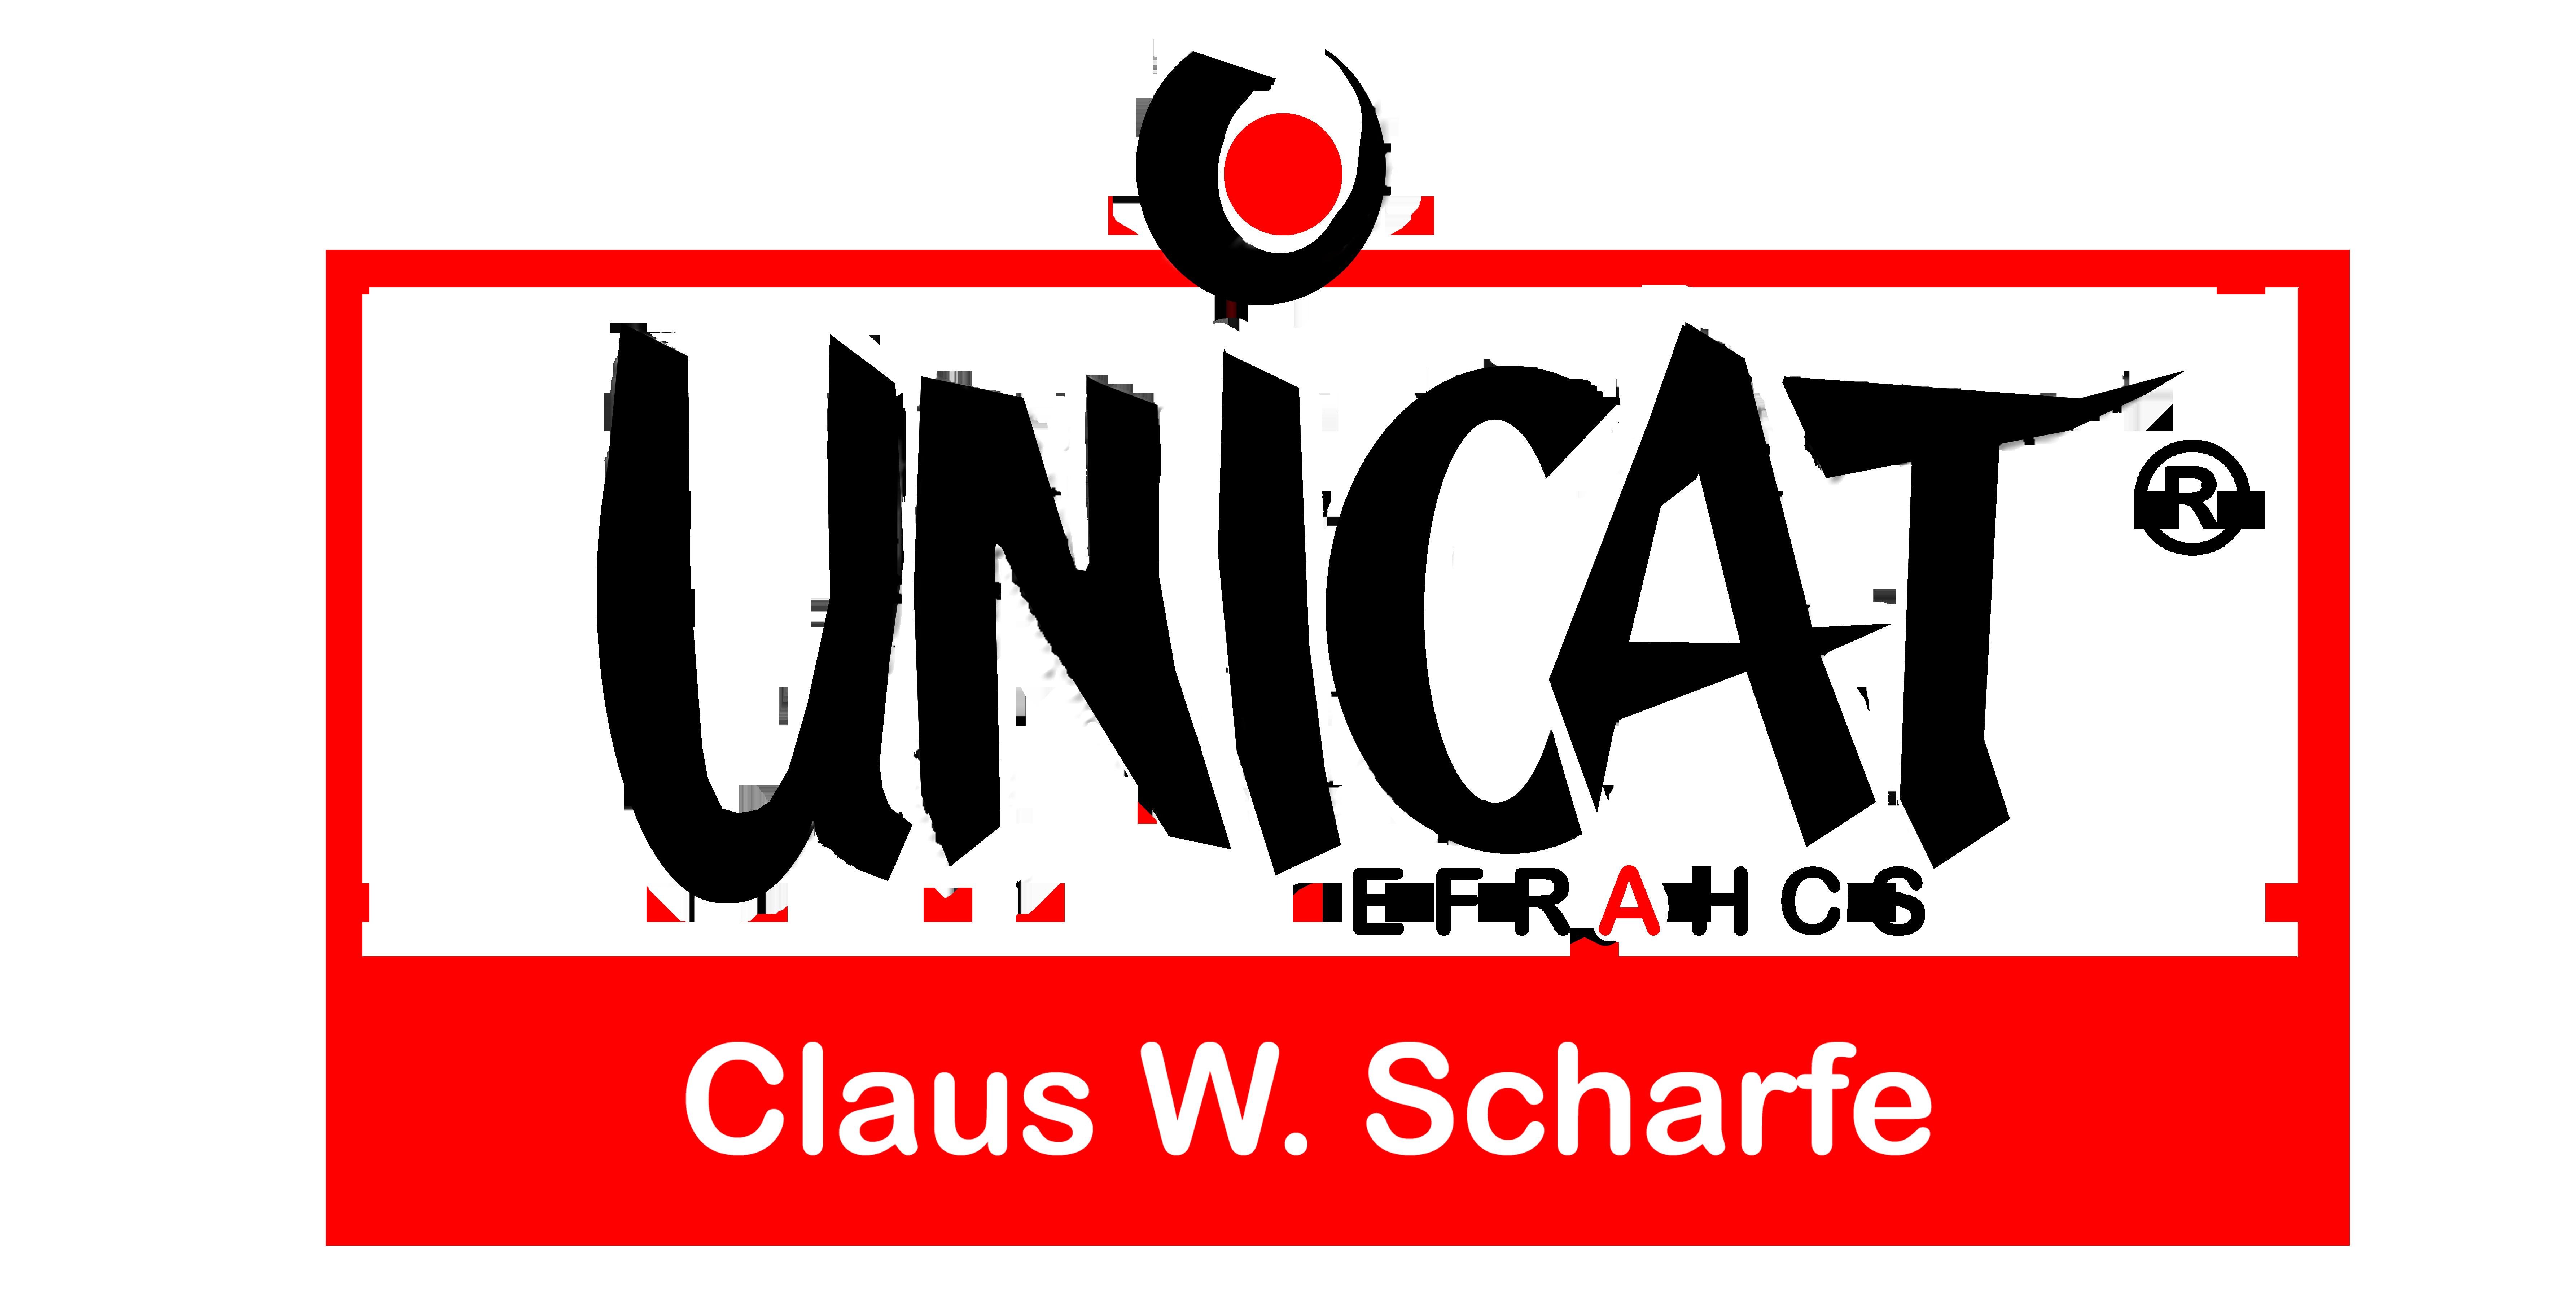 Claus Efrahcs's Signature